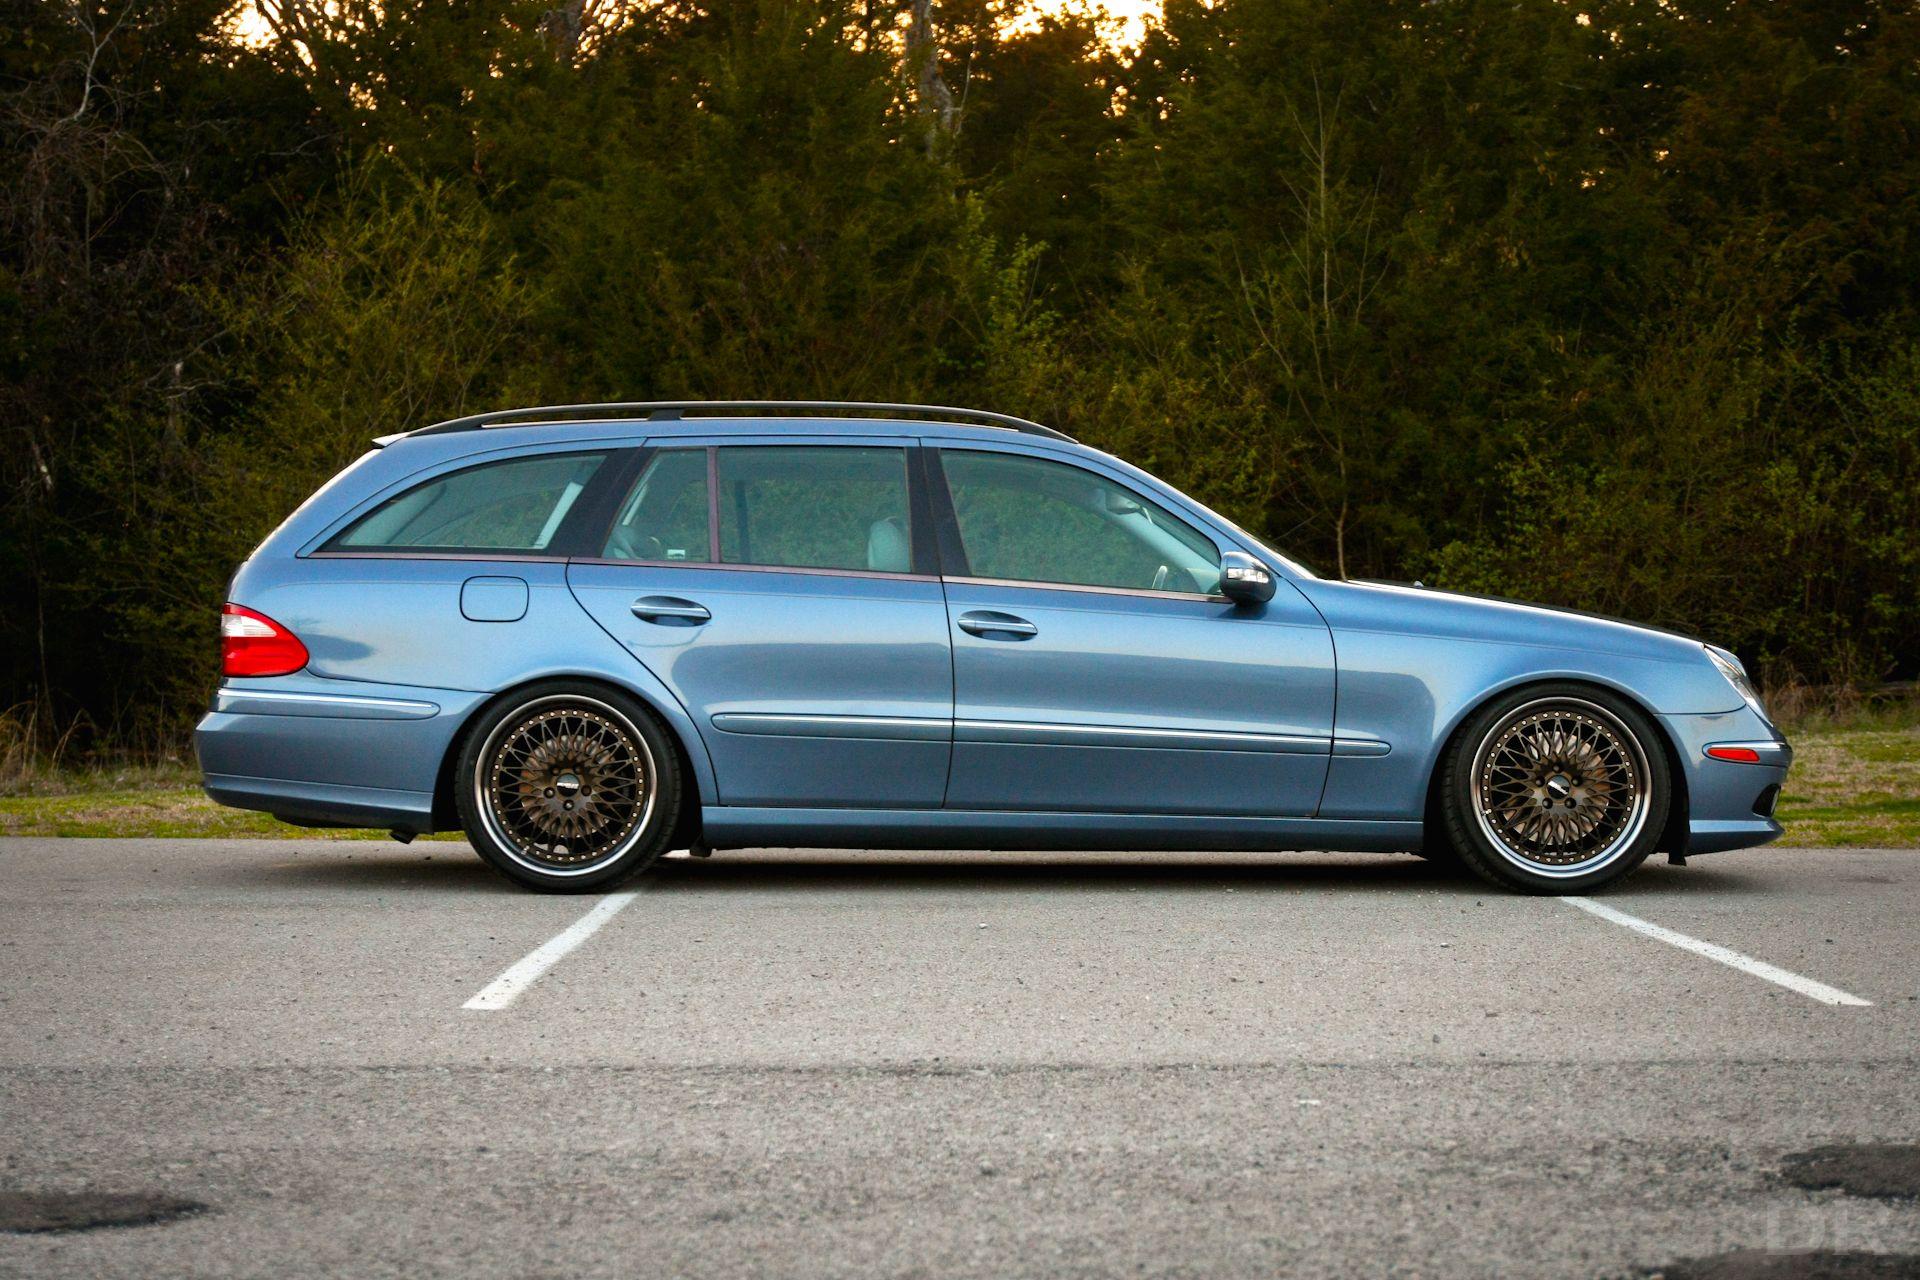 Mercedes benz e500 estate benzo pinterest shop truck for Mercedes benz e500 wagon